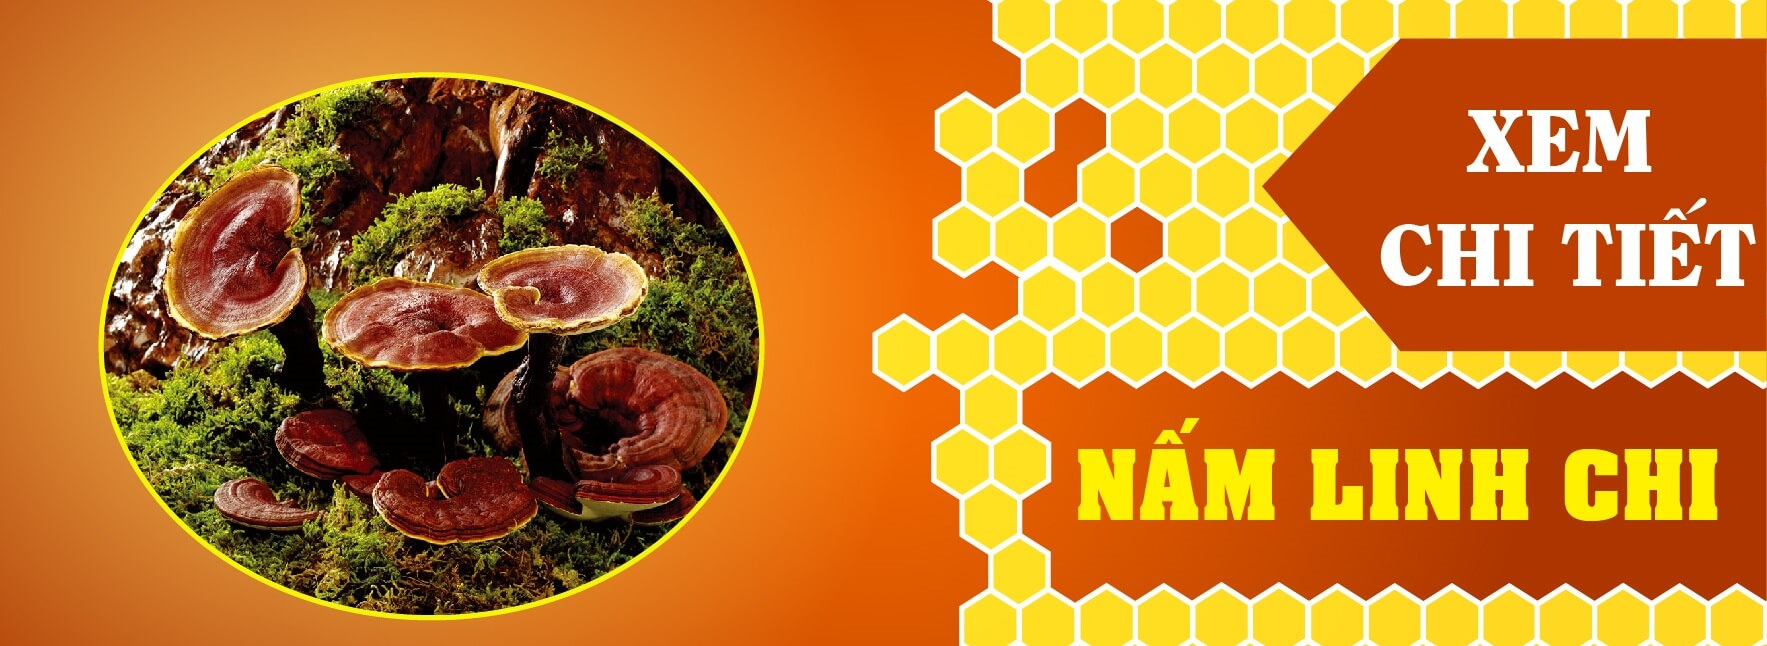 nấm linh chi rừng tự nhiên